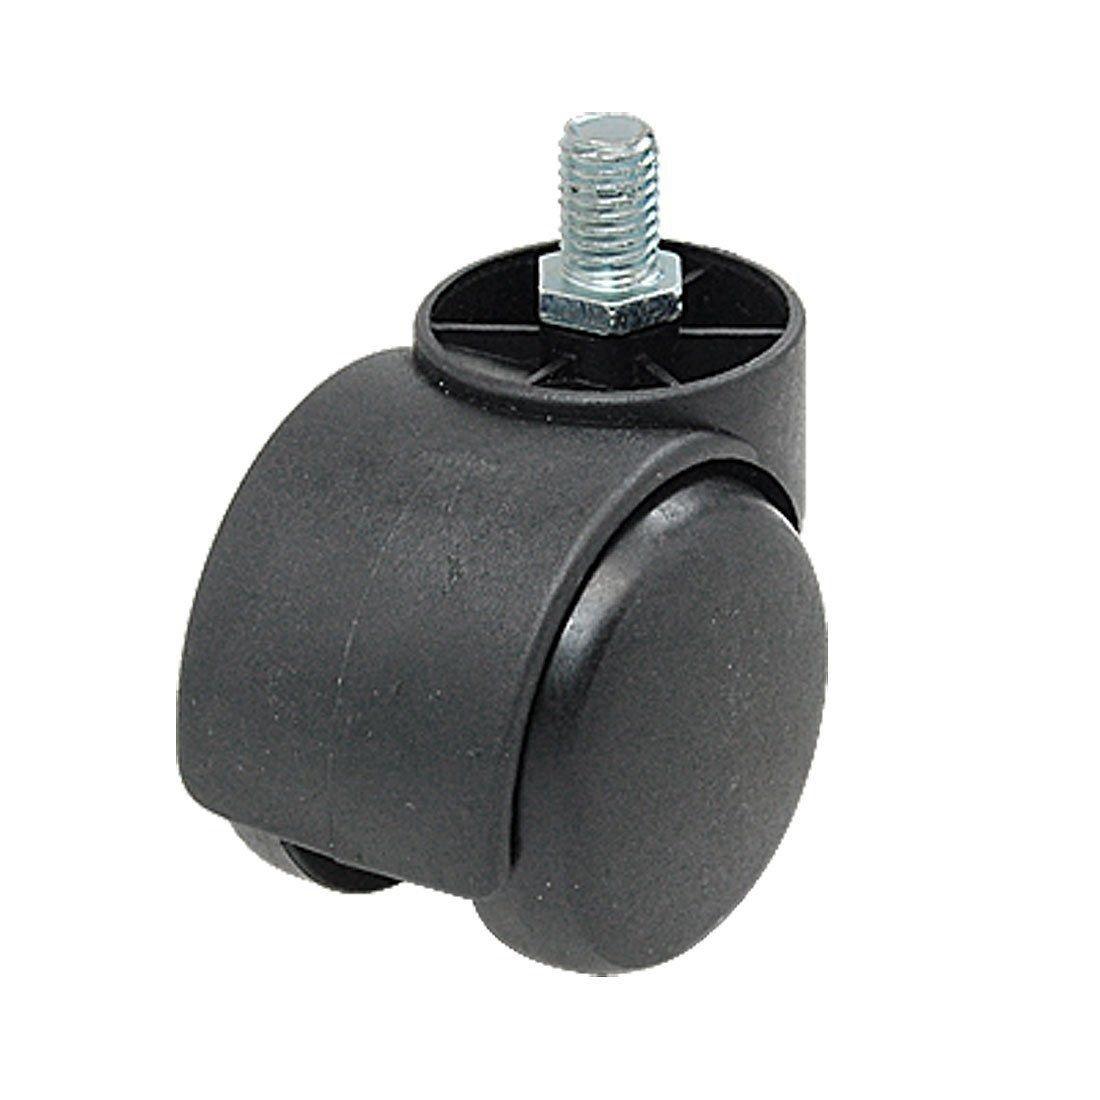 WOVELOT Connecteur de tige filete Roulette de chaise a deux roues, Noir